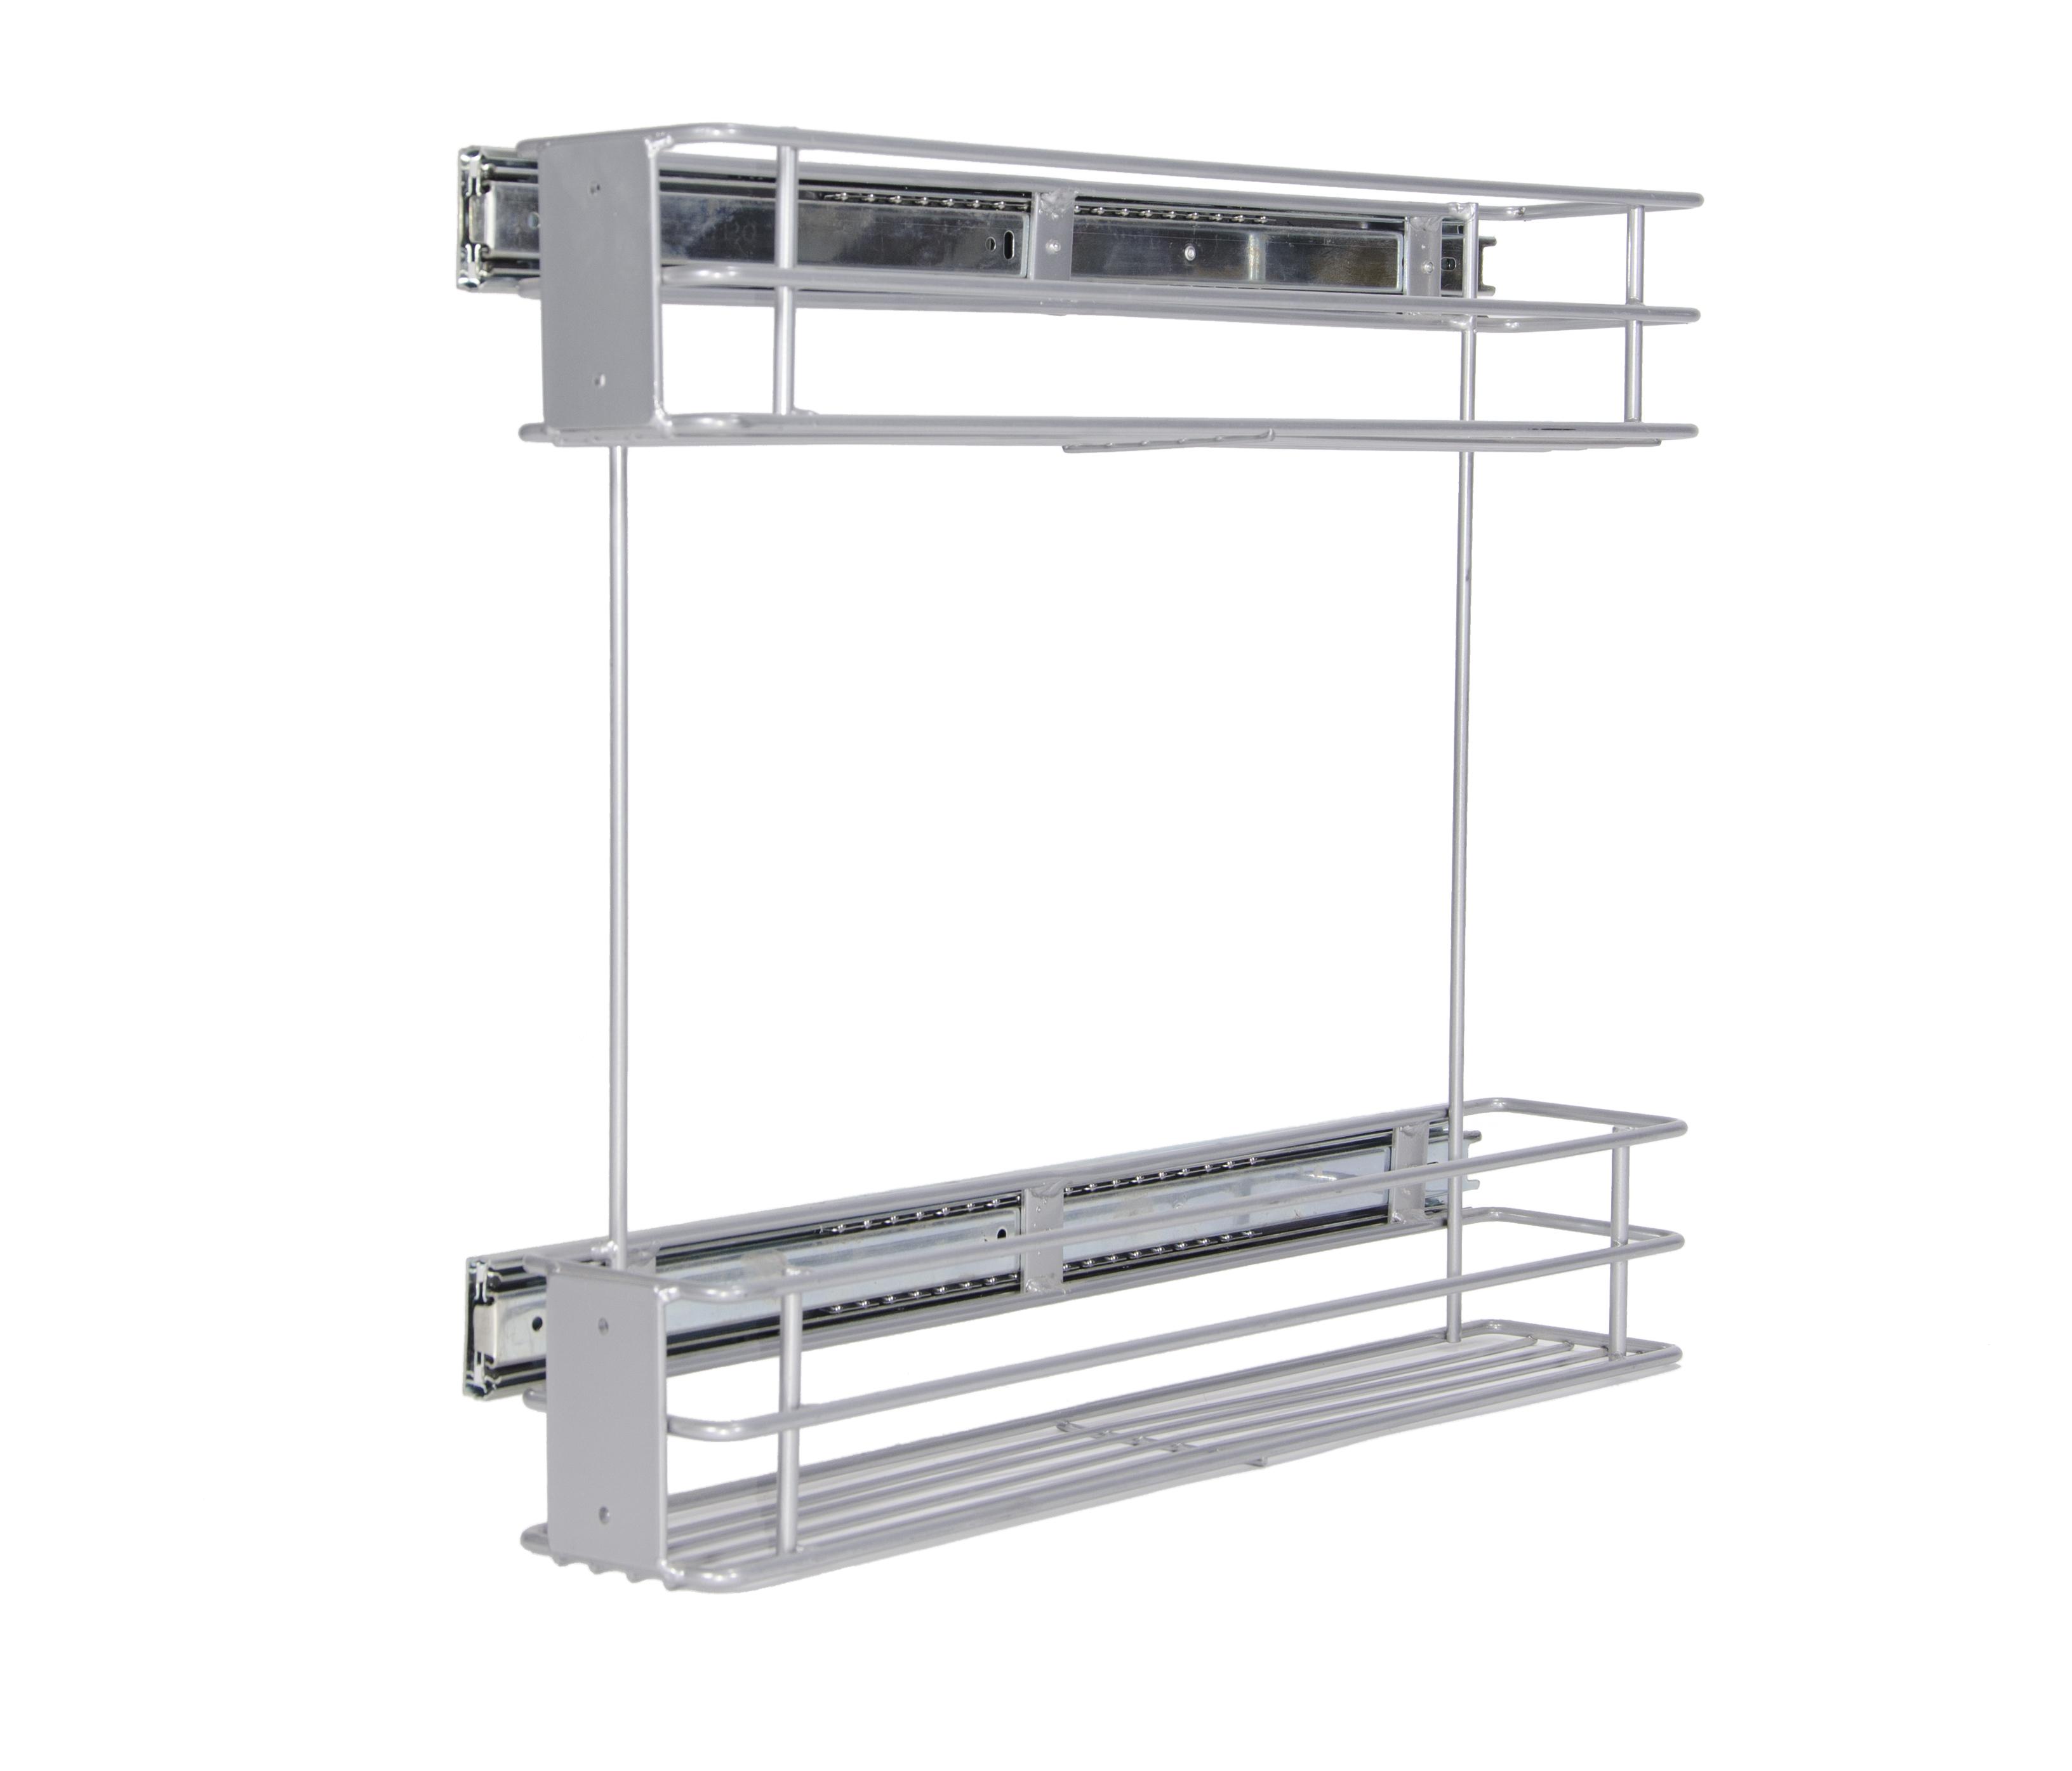 Accesorios extraibles para muebles de cocina - Accesorios muebles de cocina ...